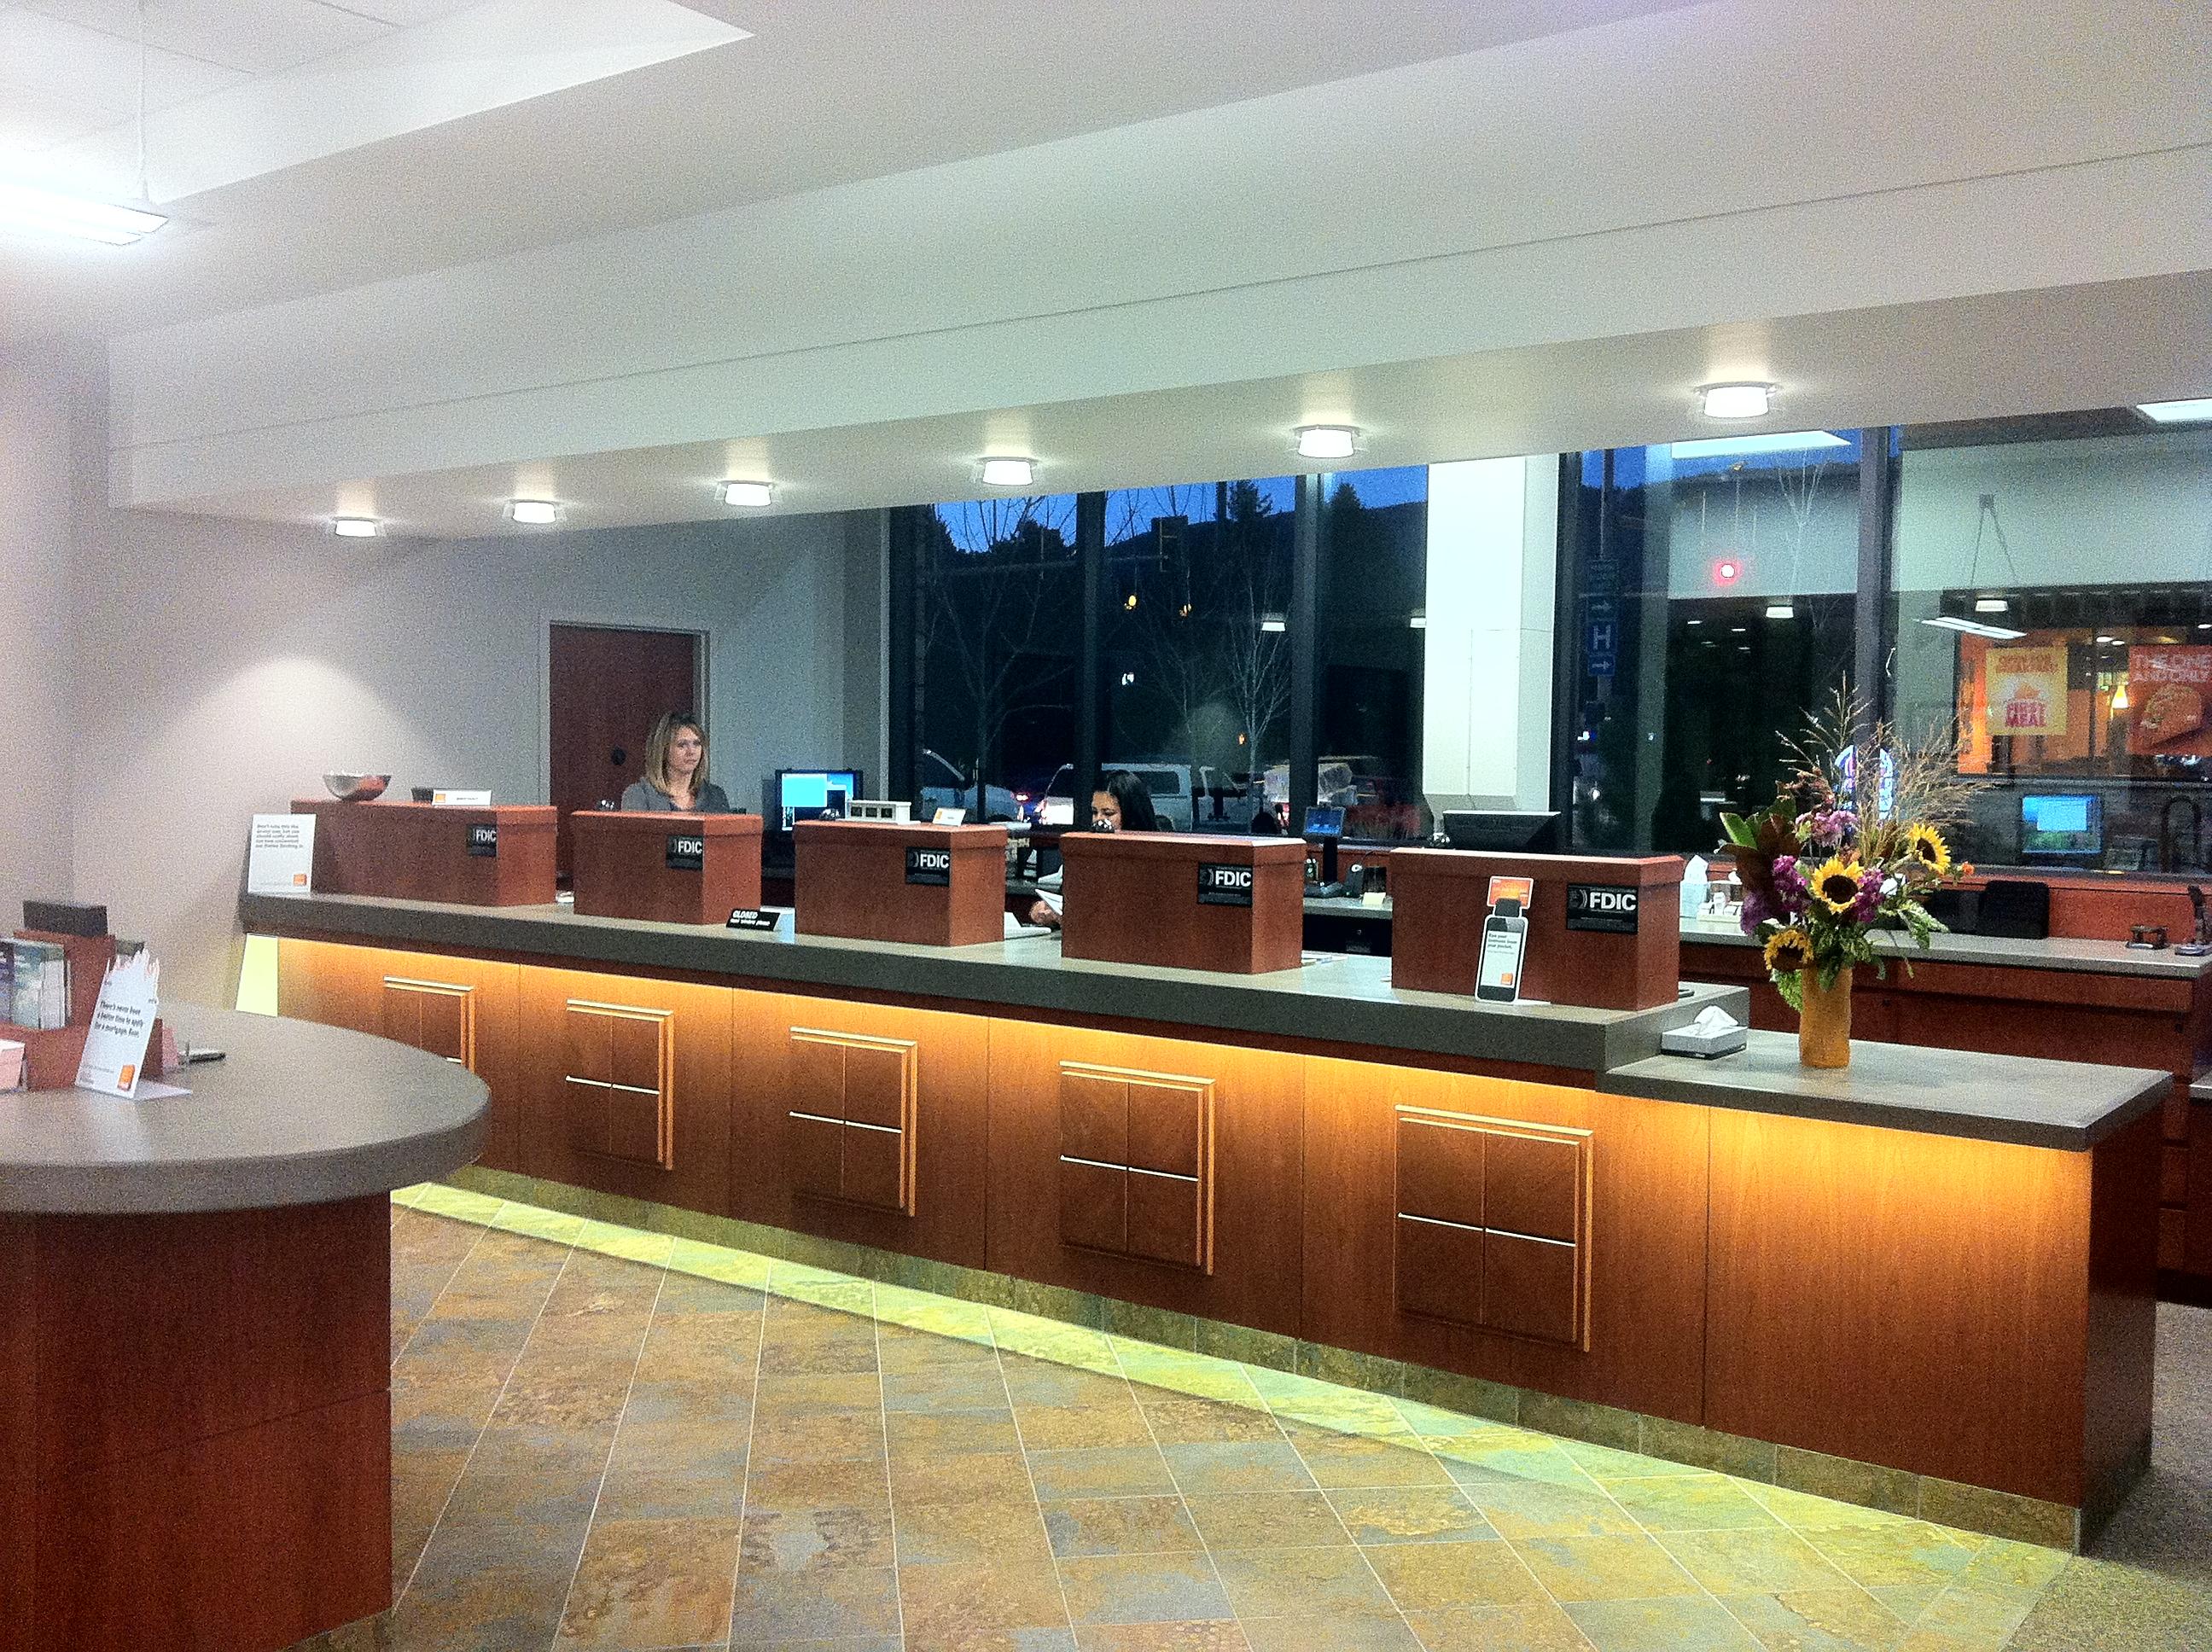 1st bank teller line glenwood springs co alpenglow sustainable lighting design. Black Bedroom Furniture Sets. Home Design Ideas